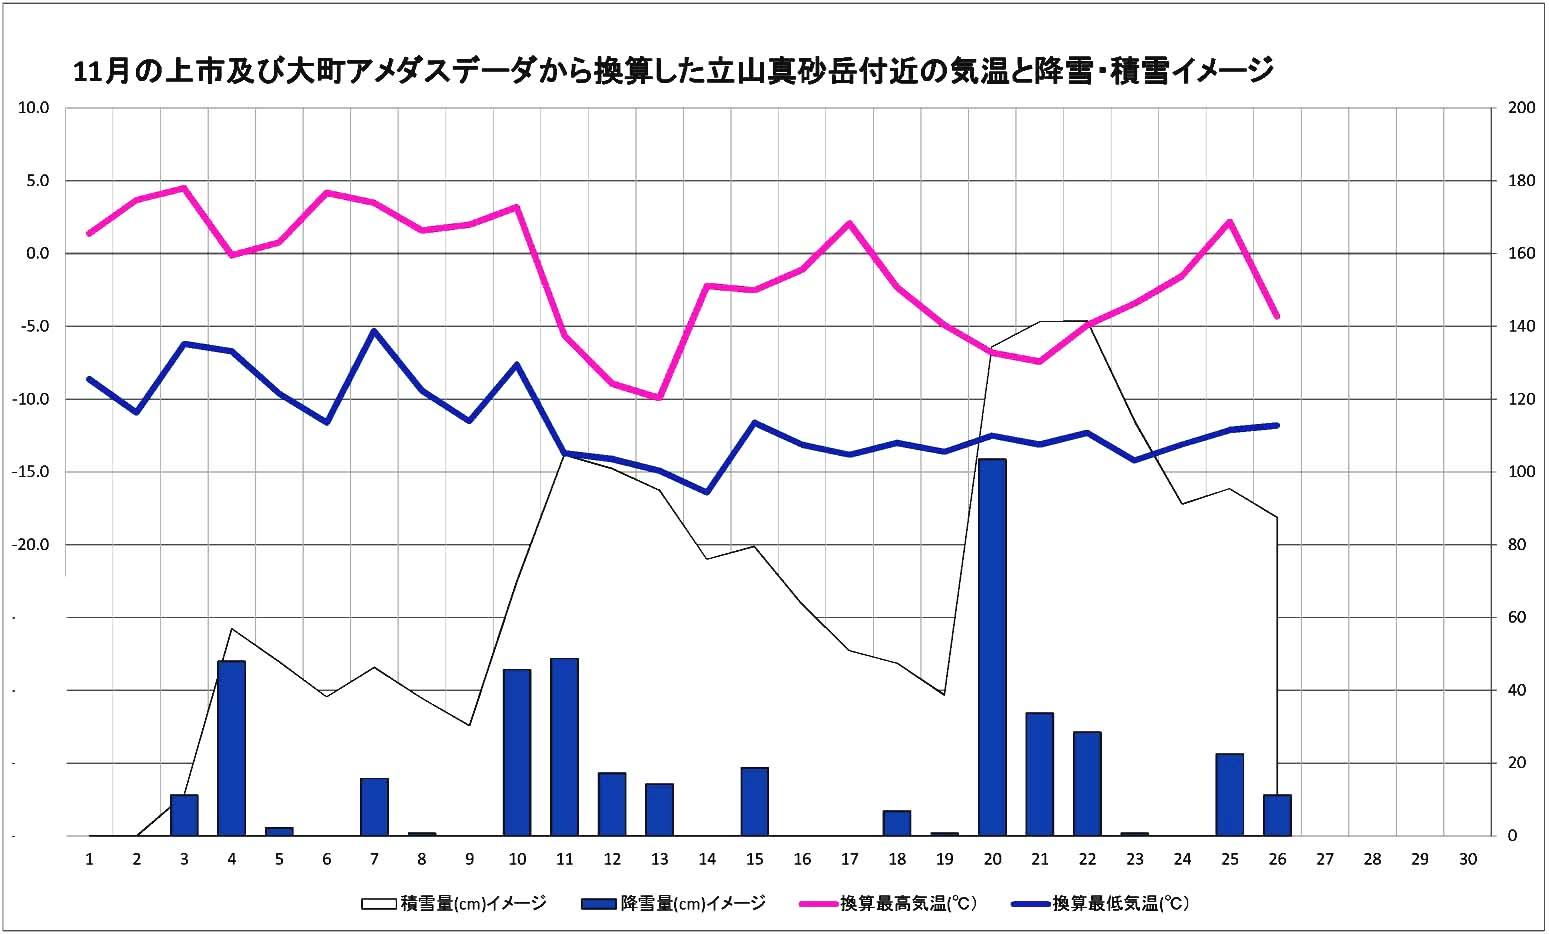 アメダスデータ(上市、大町)から換算した立山真砂岳付近の気温と雪